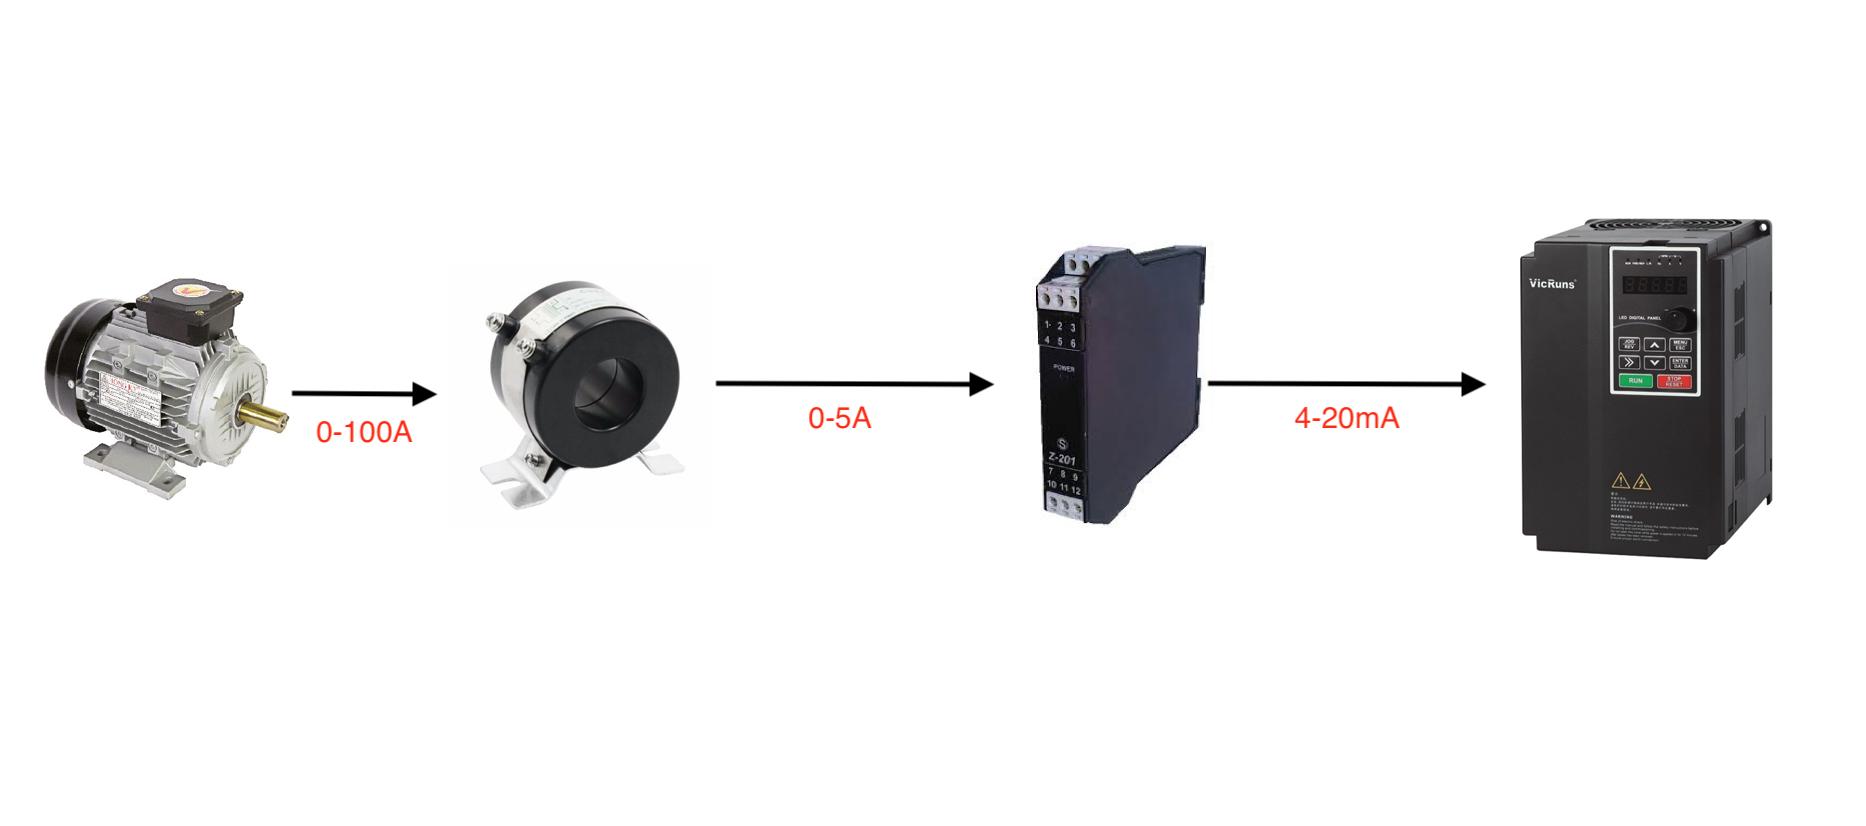 Bộ chuyển tín hiệu CT dòng sang 4-20mA